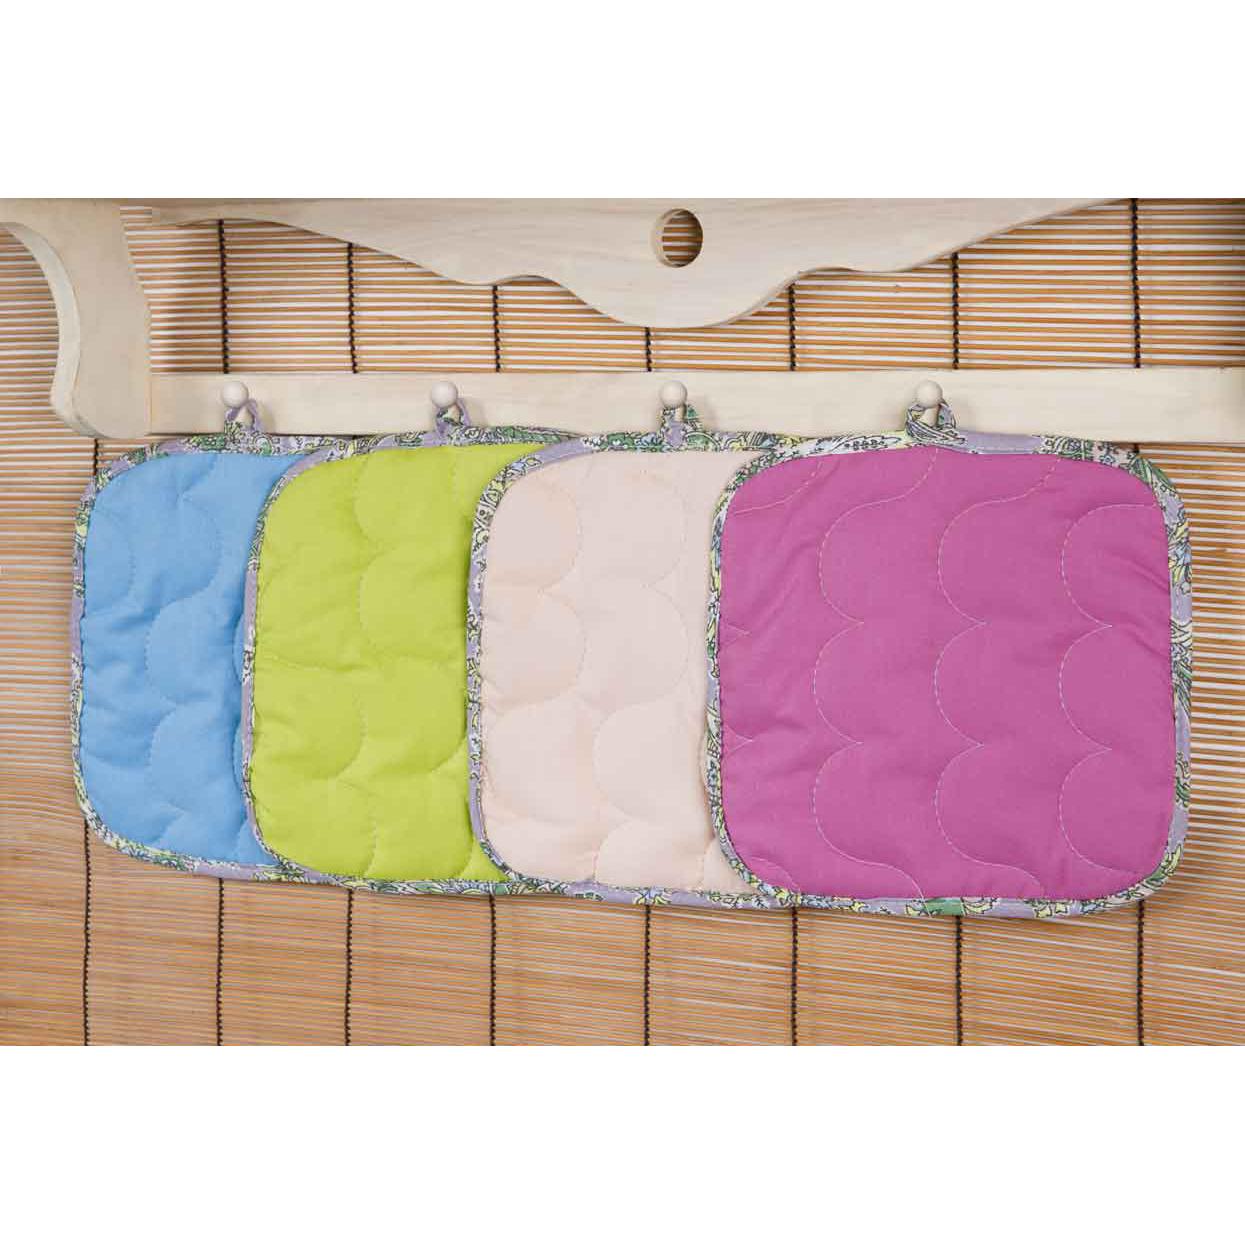 Прихватка Rainbow Квадратная, цвет АквамаринКухонные принадлежности<br>Основная ткань: 100% хлопок, поплин <br>Плотность ткани: 118 г/кв. м <br>Ткань отделки: 100% хлопок, бязь <br>Плотность ткани: 125 г/кв. м <br>Наполнитель: 100% полиэстер<br><br>Тип: Кухонные принадлежности<br>Размер: -<br>Материал: Поплин